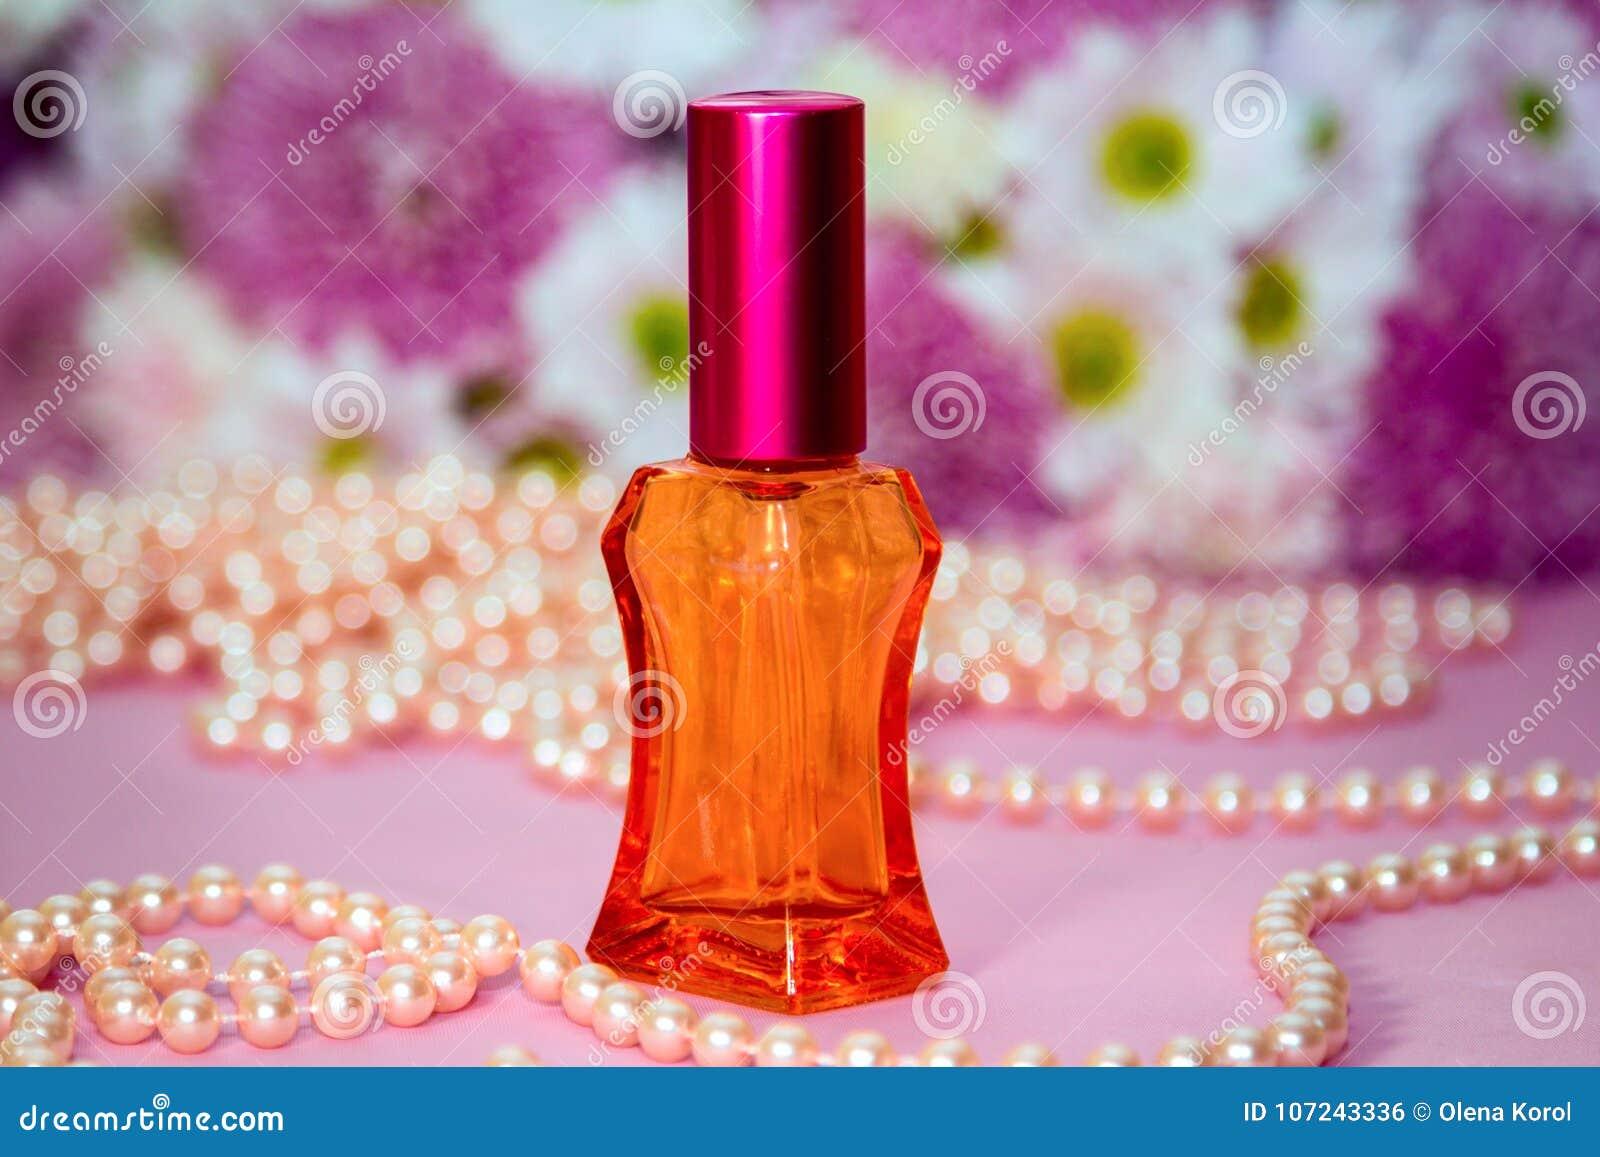 Perles en verre rouges de bouteille et de perle de parfum